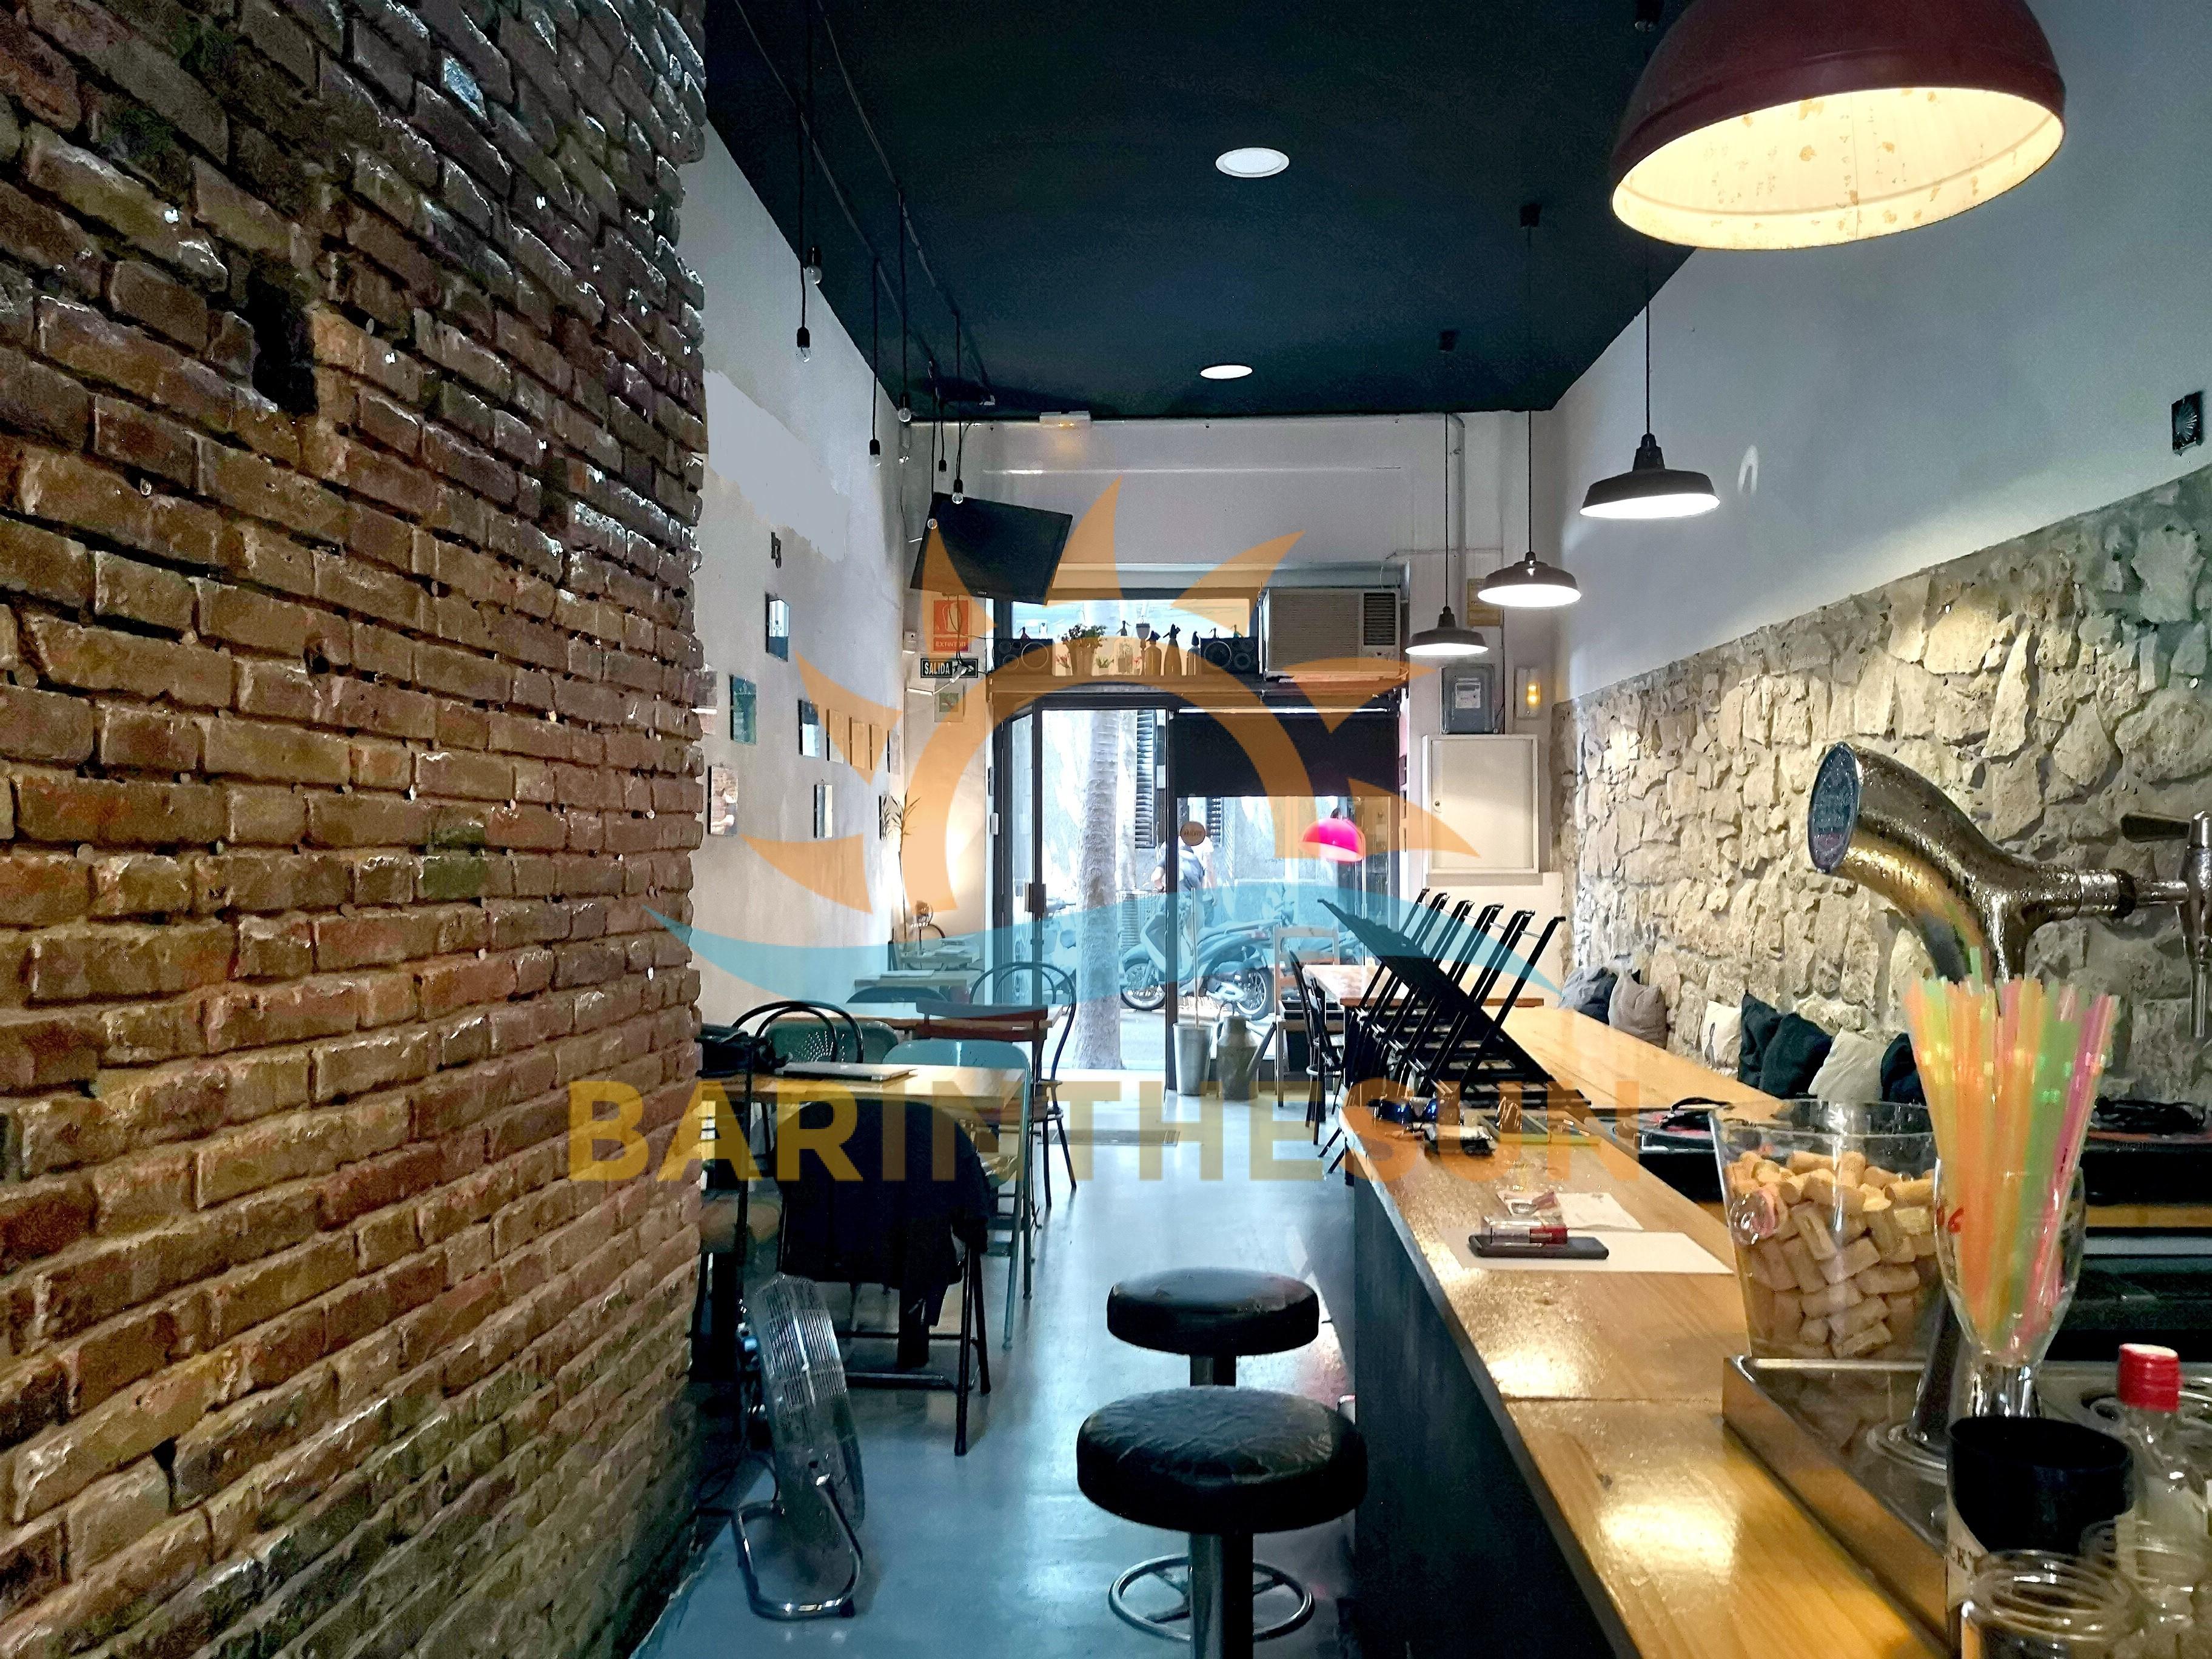 Barcelona Cafe Bars For Sale, Barcelona Businesses For Sale